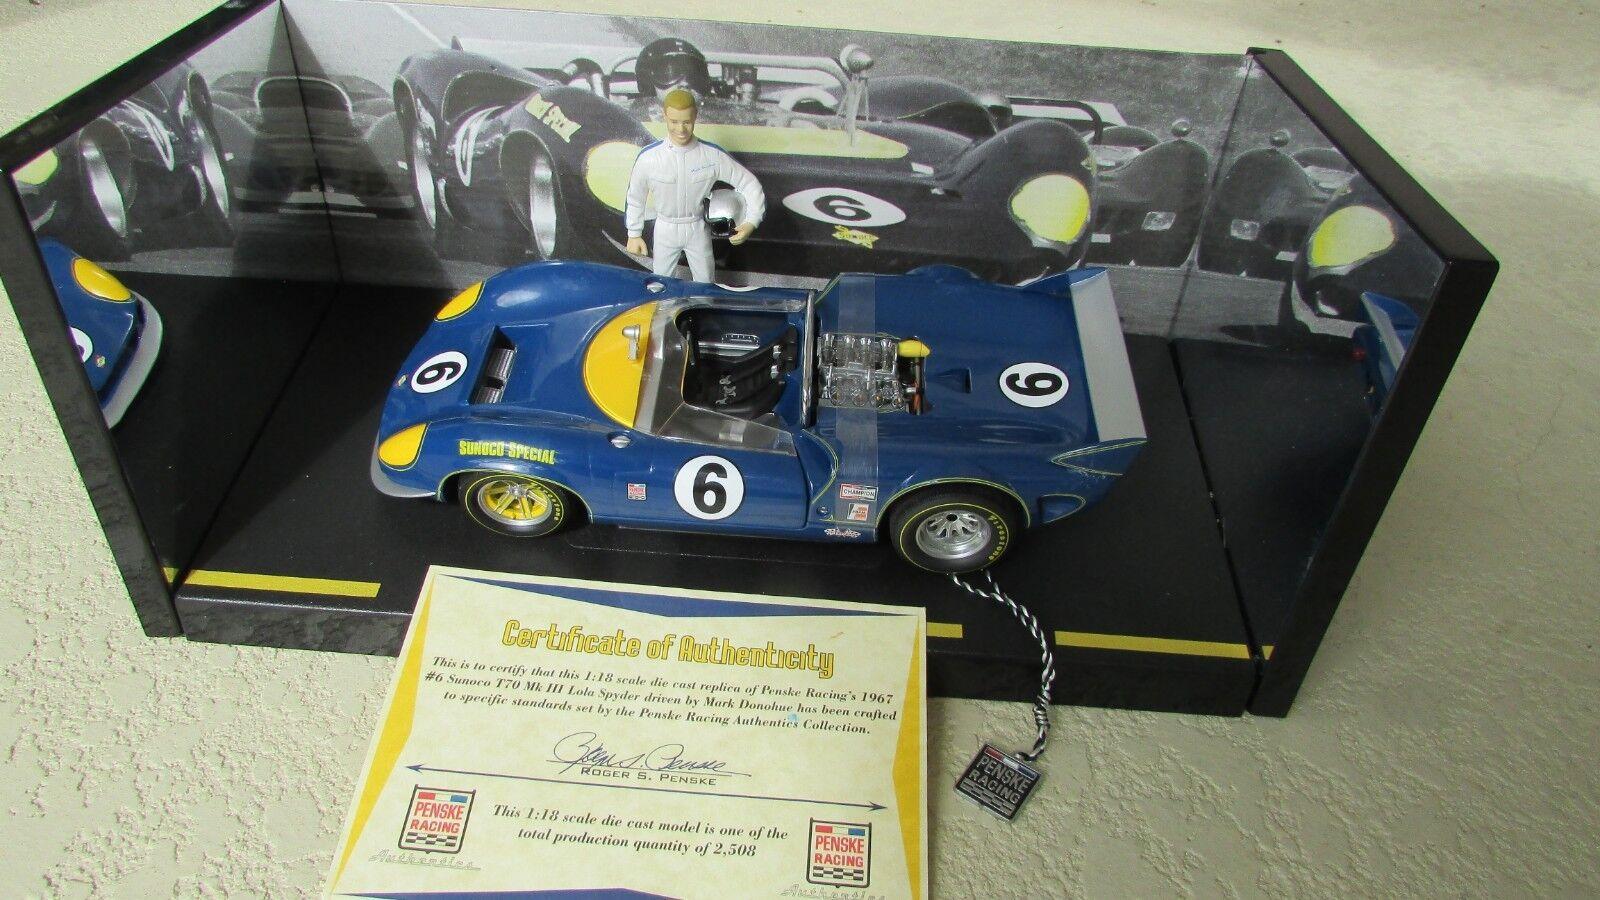 Gmp Mark Donohue Voiture de de de Course & Figurine 1:18 Penske Sunoco T70 Mk Chevy | Fabrication Habile  | En Ligne  cea0d3